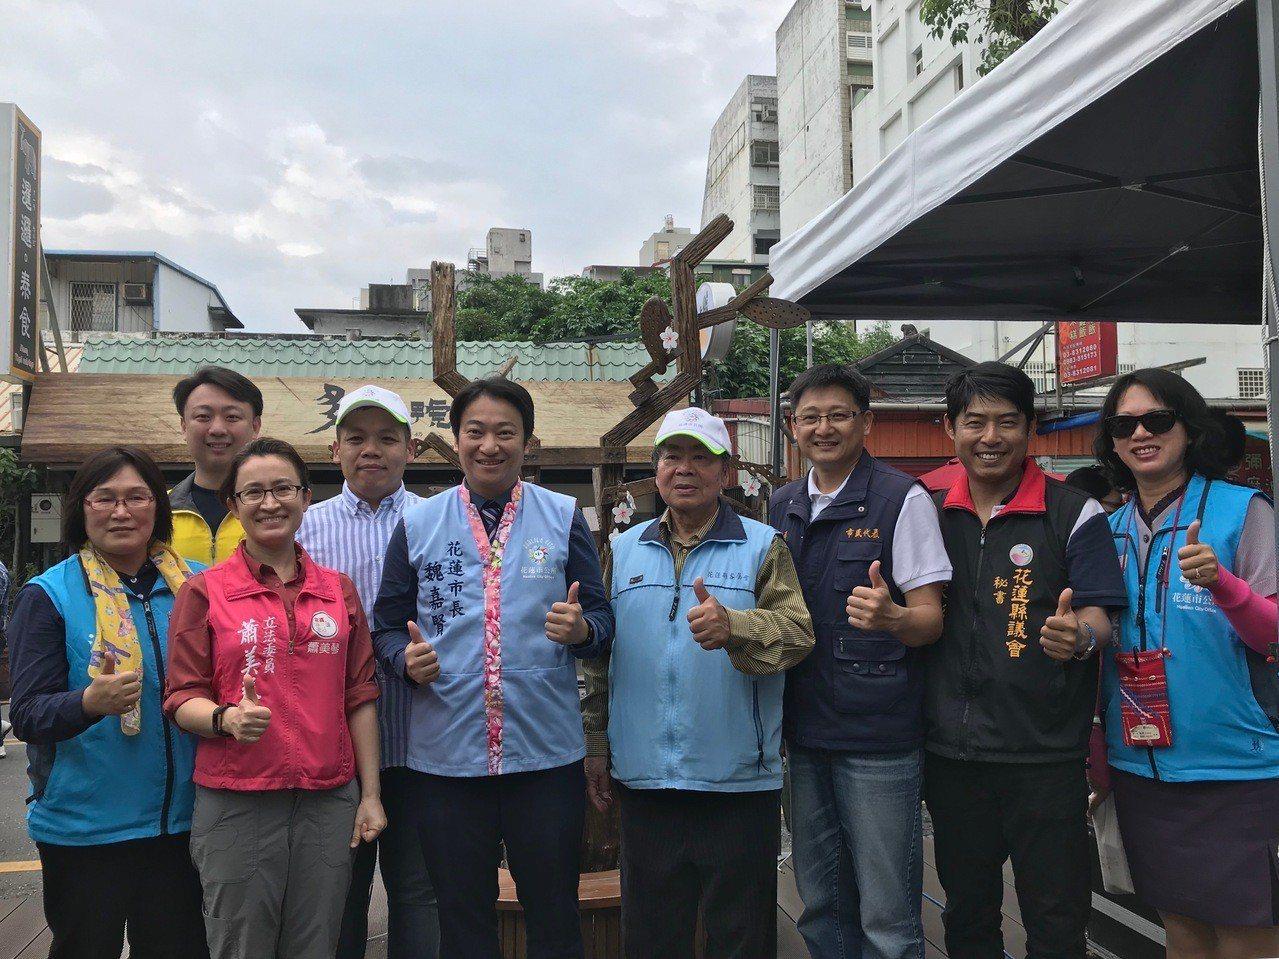 洄瀾桐花祭今日在花蓮市好客文化會館熱鬧登場。記者王思慧/攝影